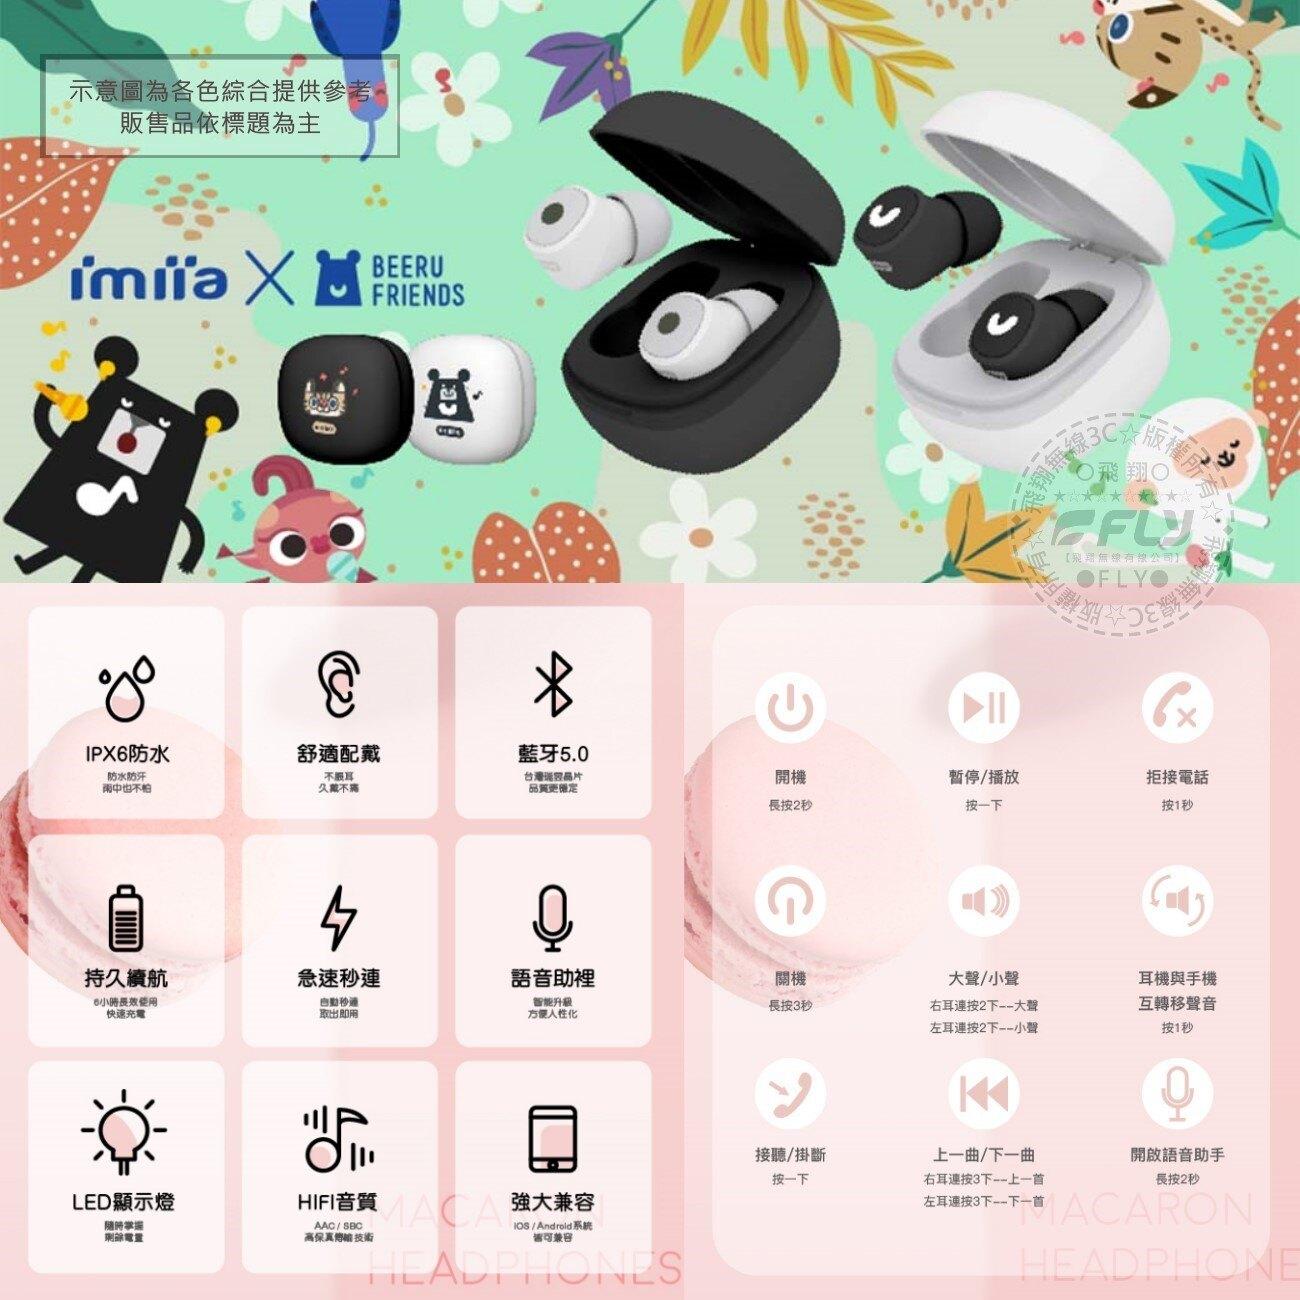 《飛翔無線3C》imiia BT-501 馬卡龍真無線藍牙耳機 台灣吧聯名款│公司貨│藍芽5.0 高音質 IPX6防水